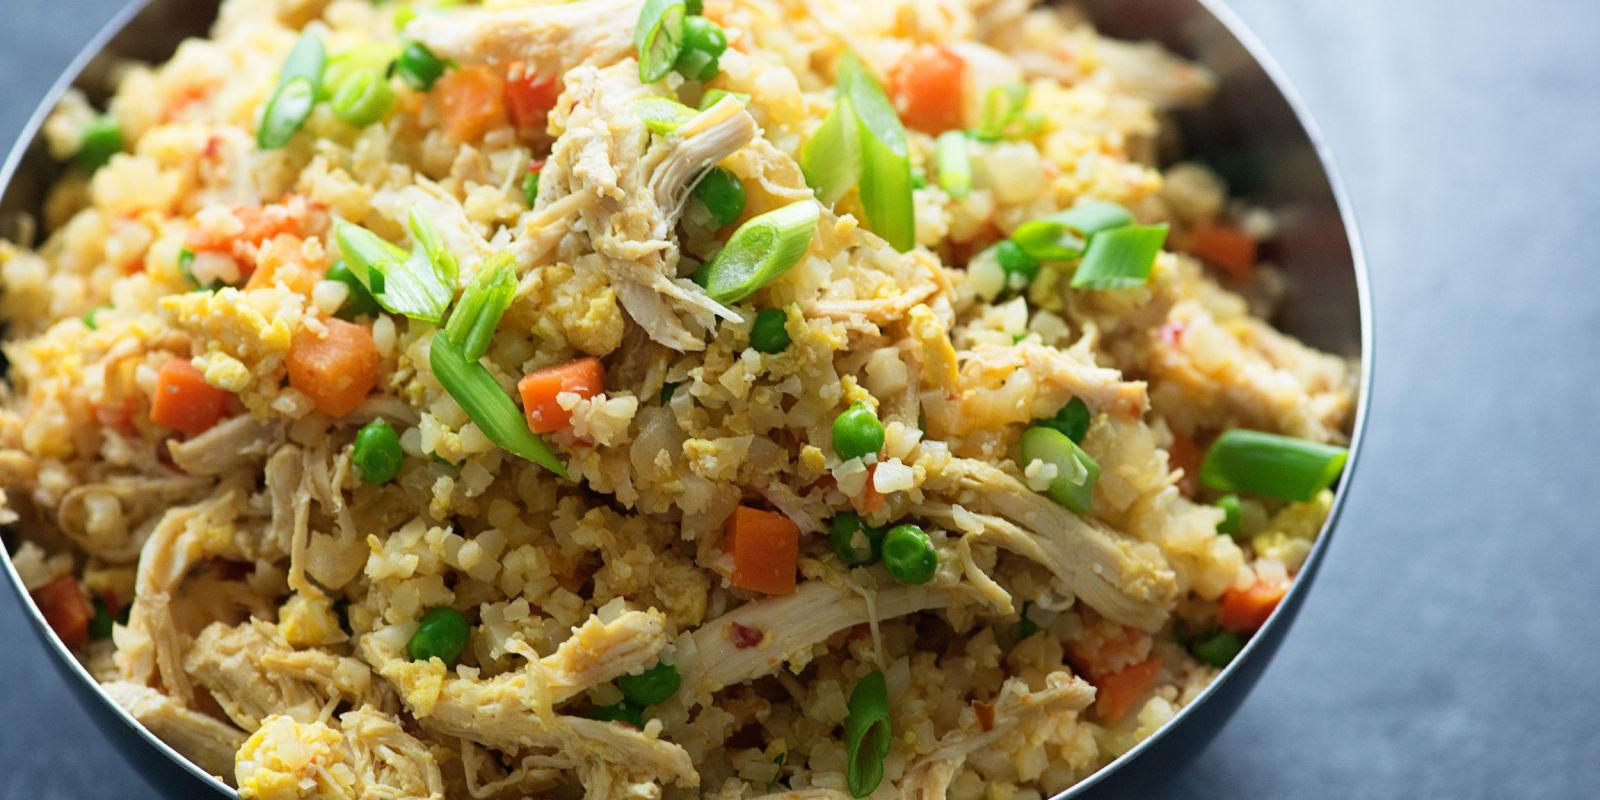 Chicken And Cauliflower Rice  Best Chicken Fried Cauliflower Rice Recipe How To Make